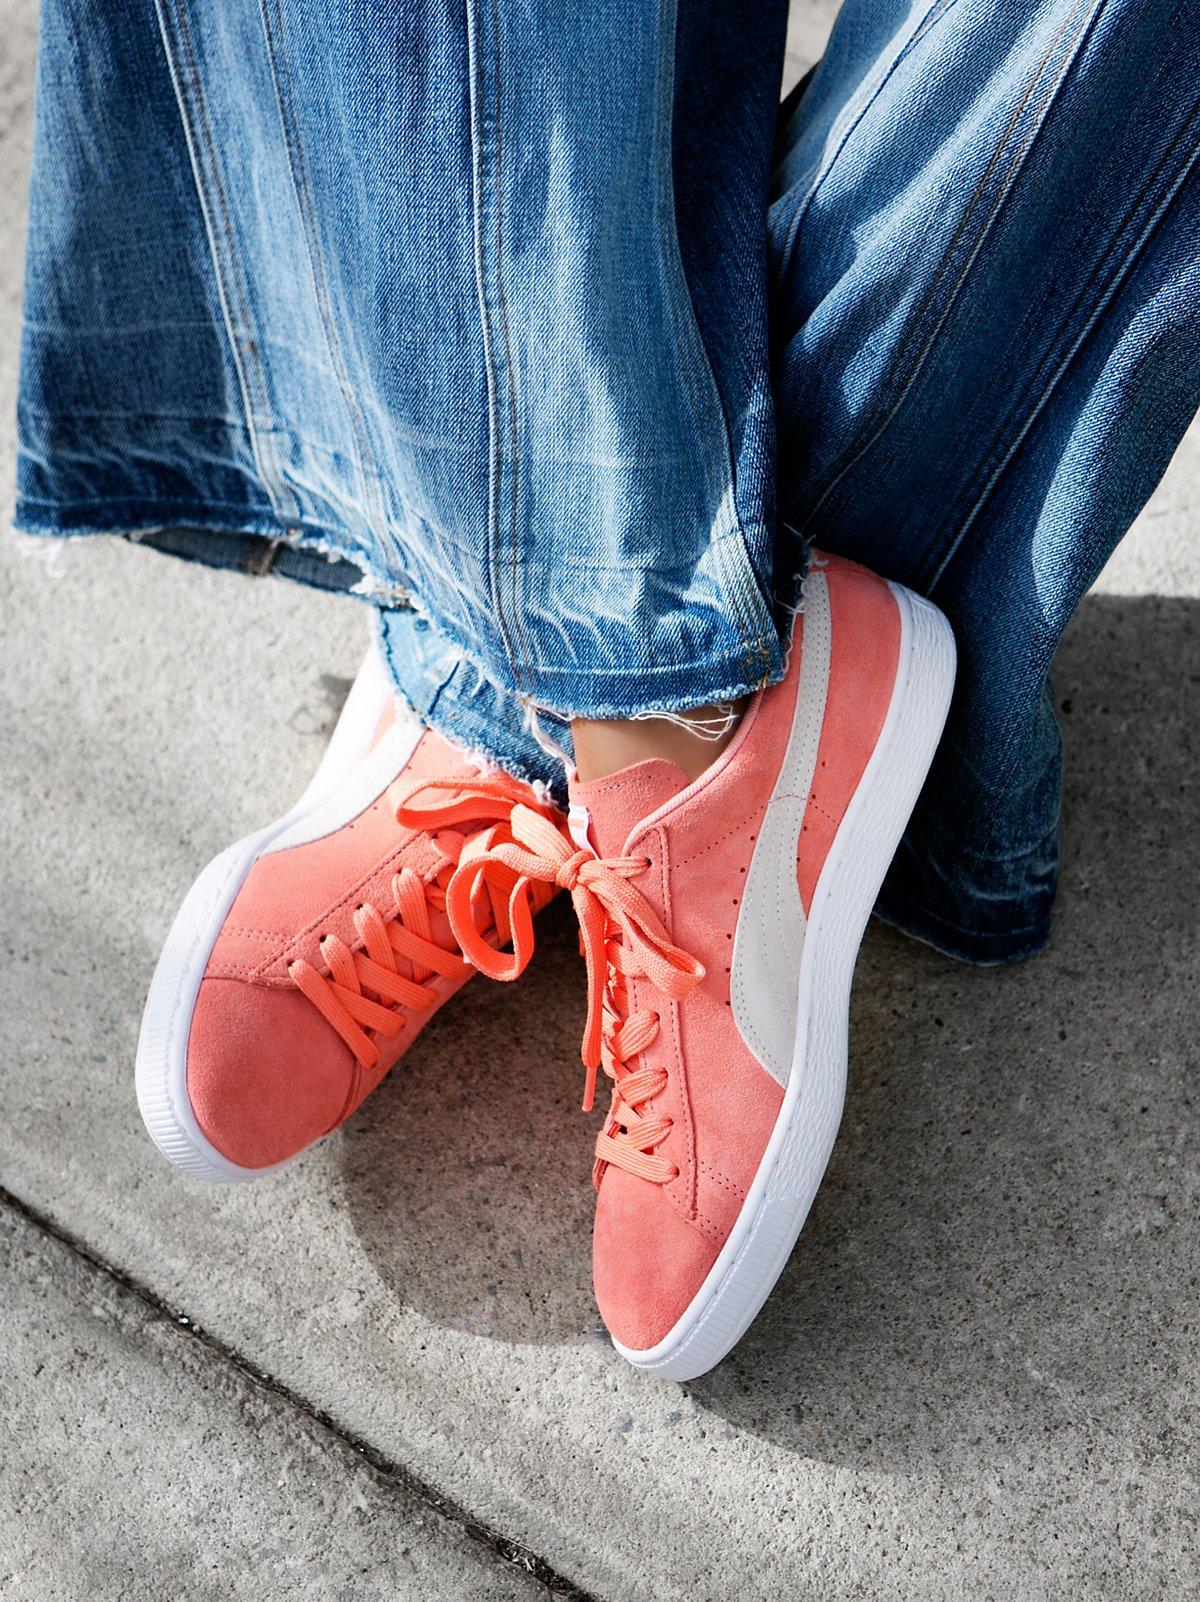 绒面革经典运动鞋